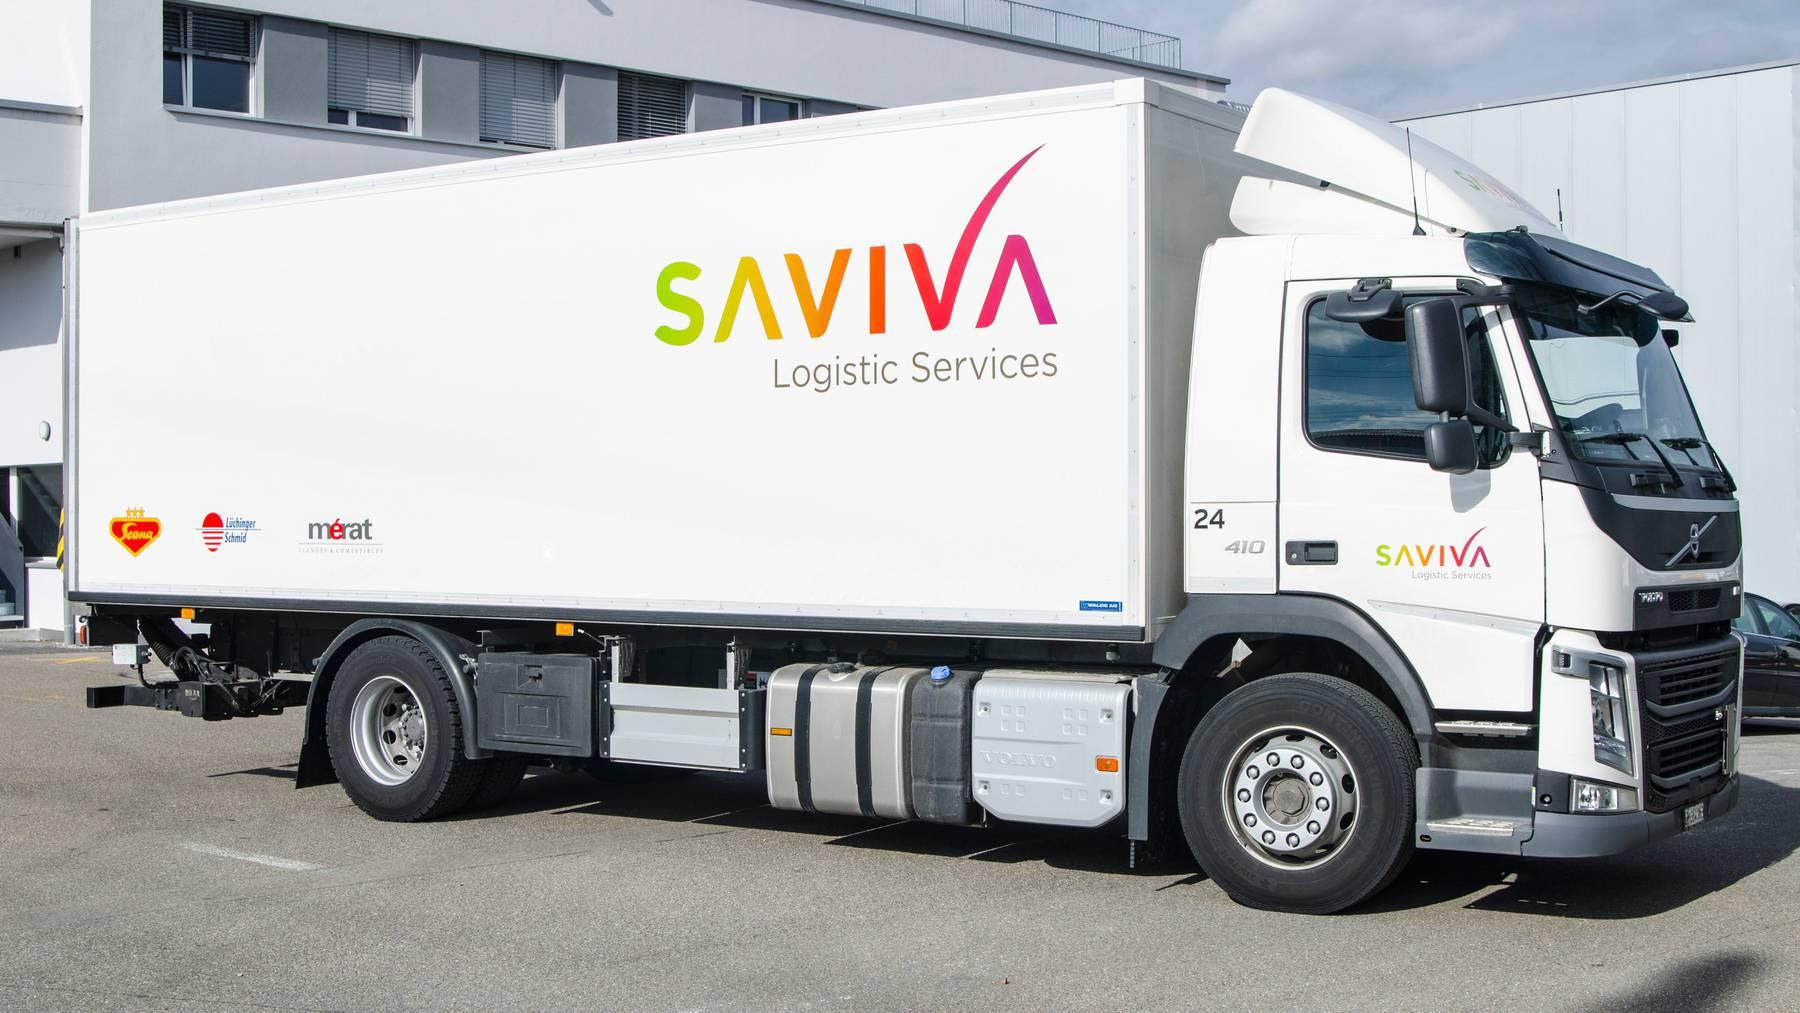 Saviva beliefert Restaurant, Hotels, Altersheime und Spitäler.